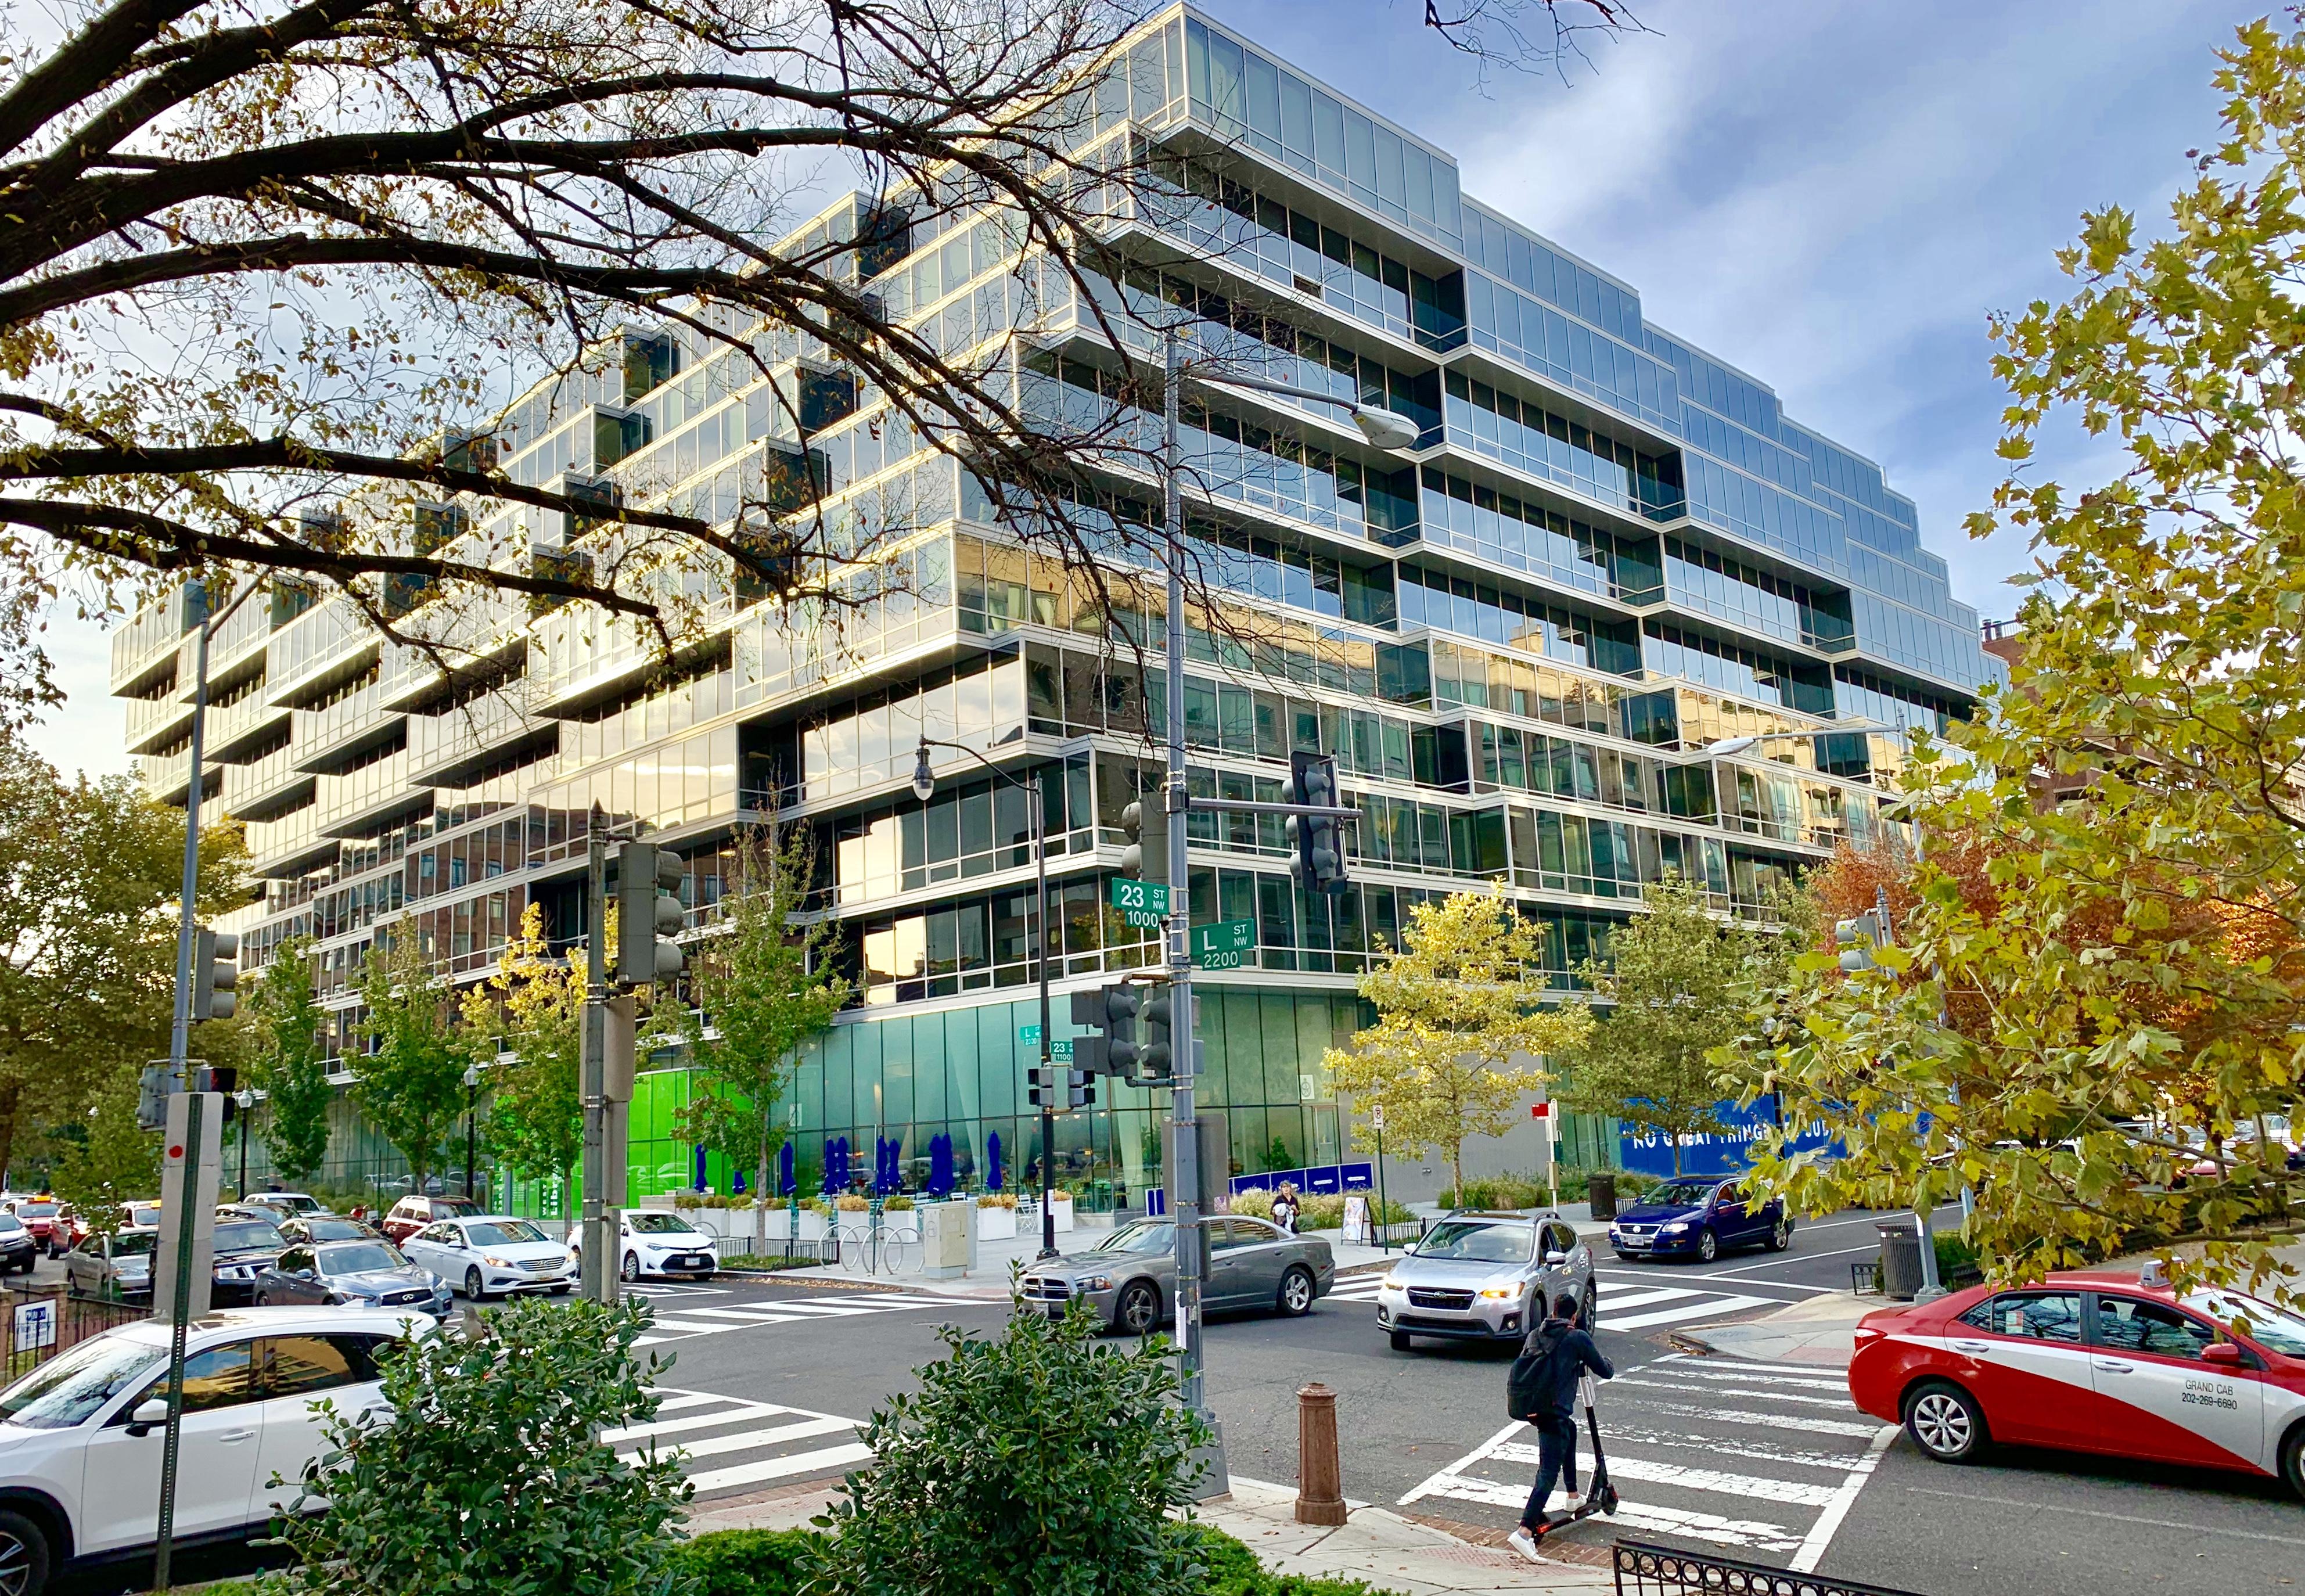 Washington, DC High-Rise Condos. Westlight Condominium in West End